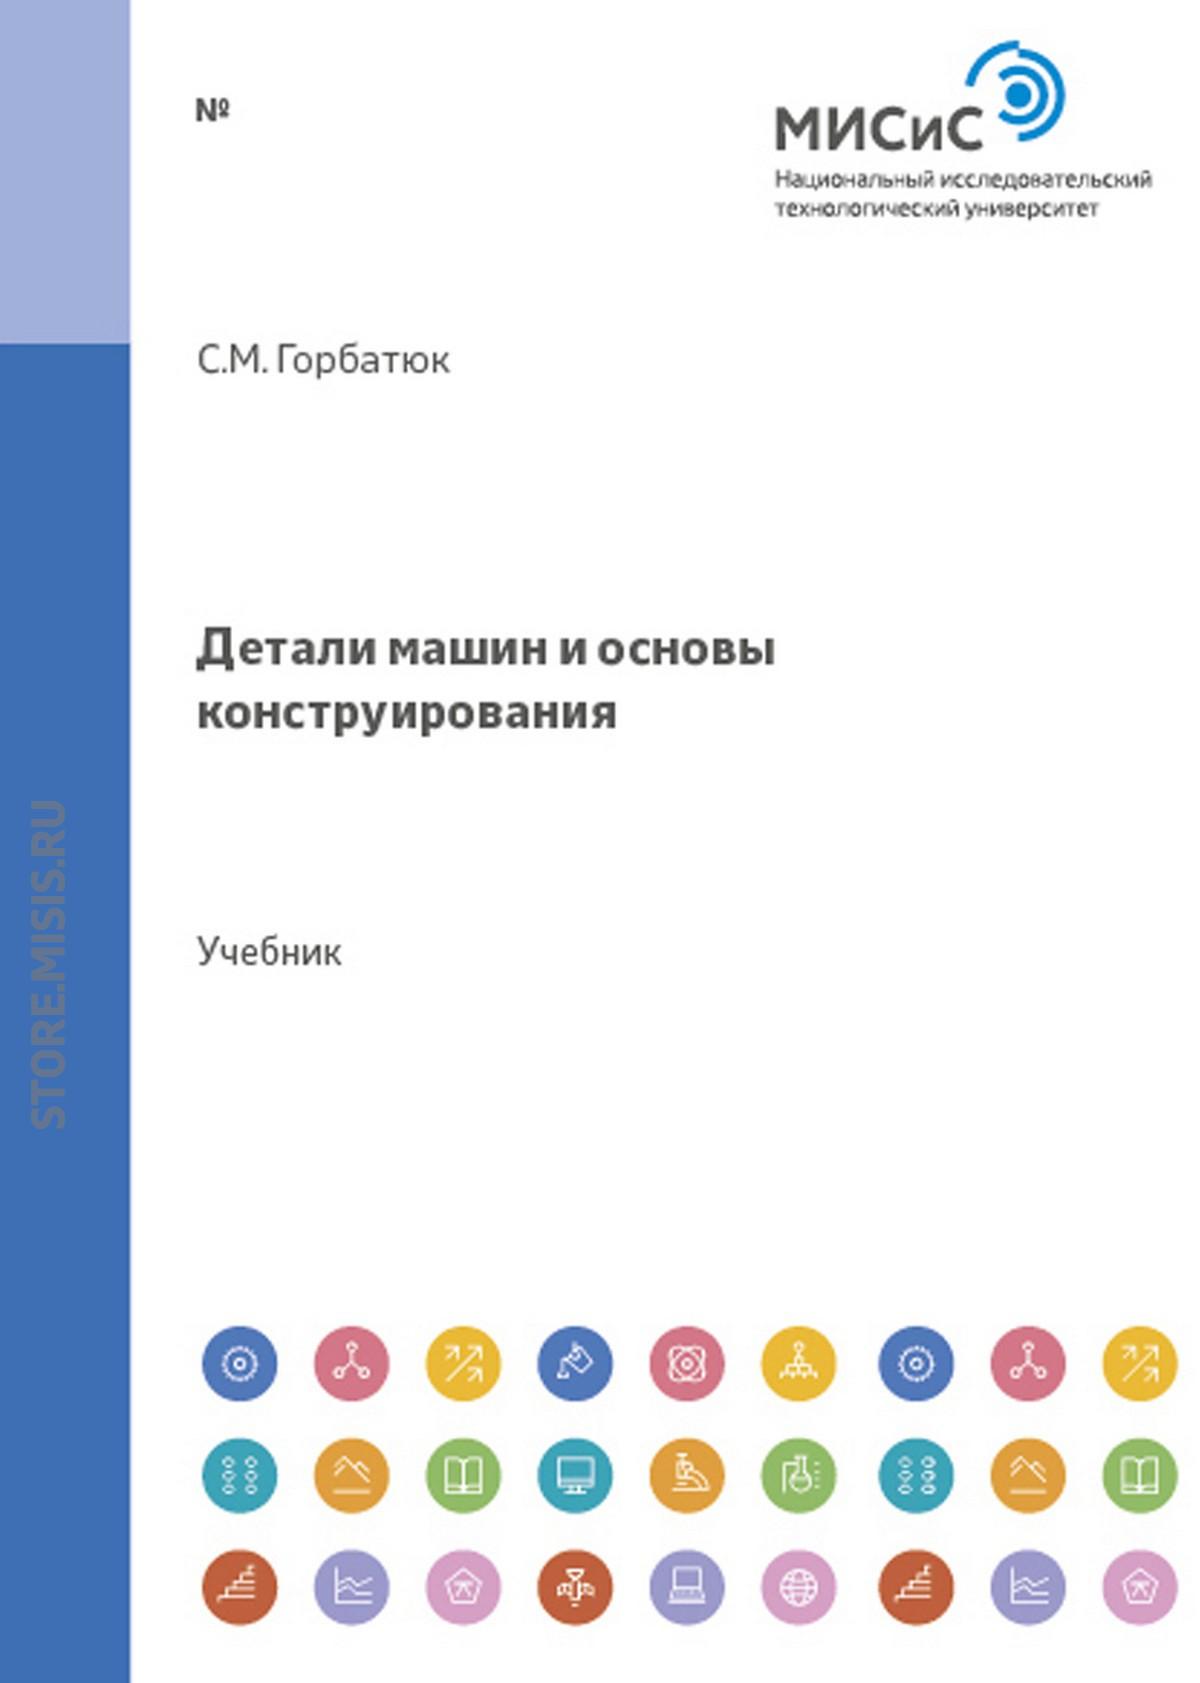 Анатолий Веремеевич Детали машин и основы конструирования п г гузенков детали машин